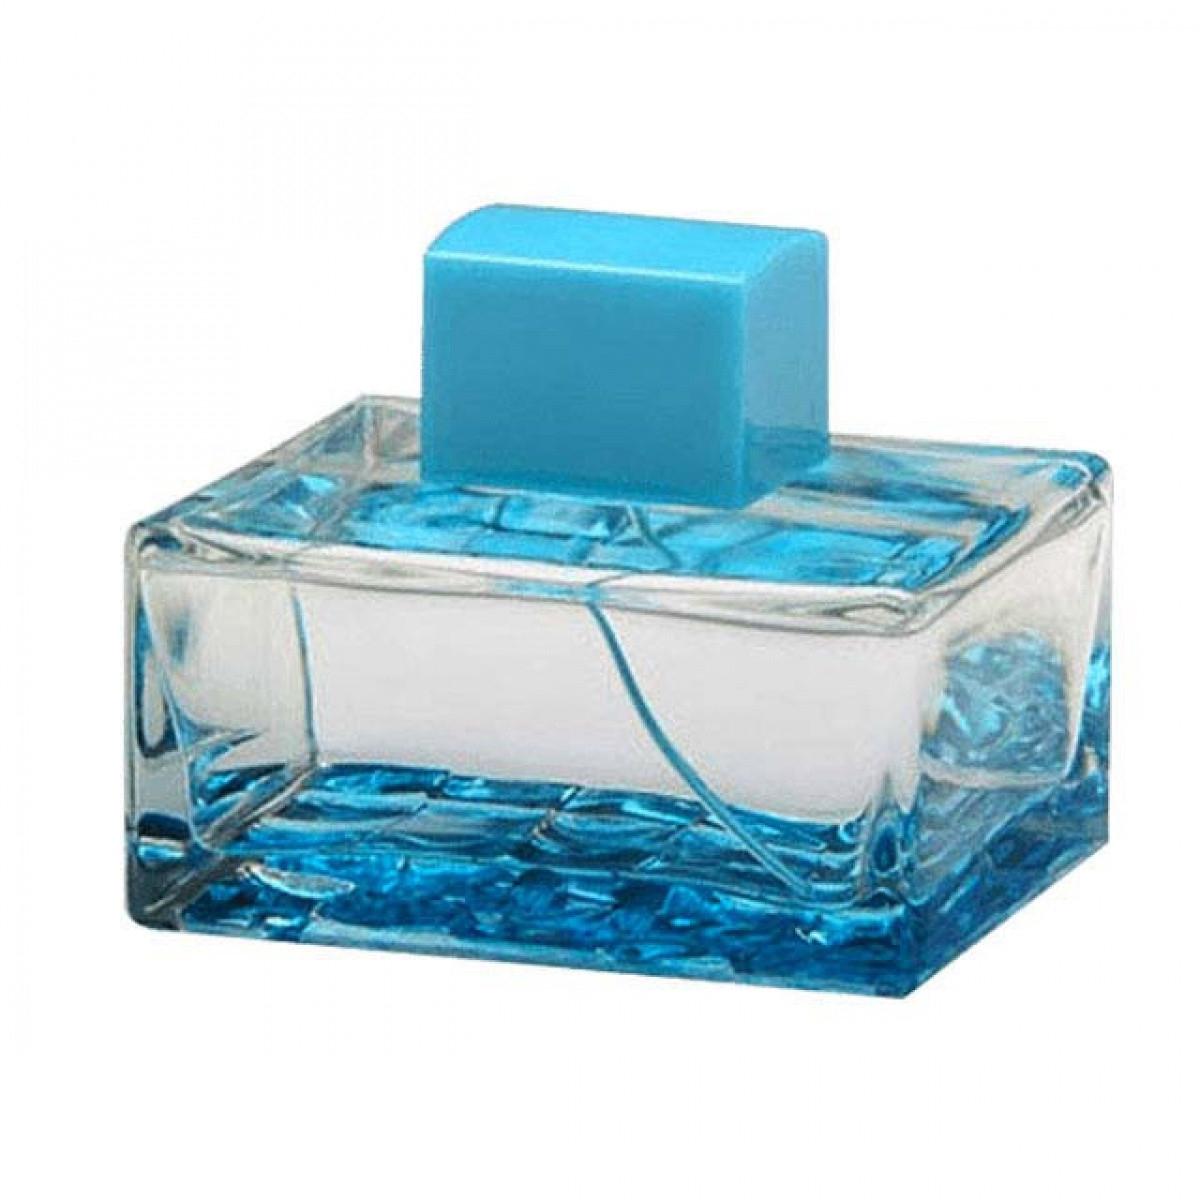 ادوتویلت زنانه آنتونیو باندراس مدل Splash Blue Seduction حجم 100 میلی لیتر